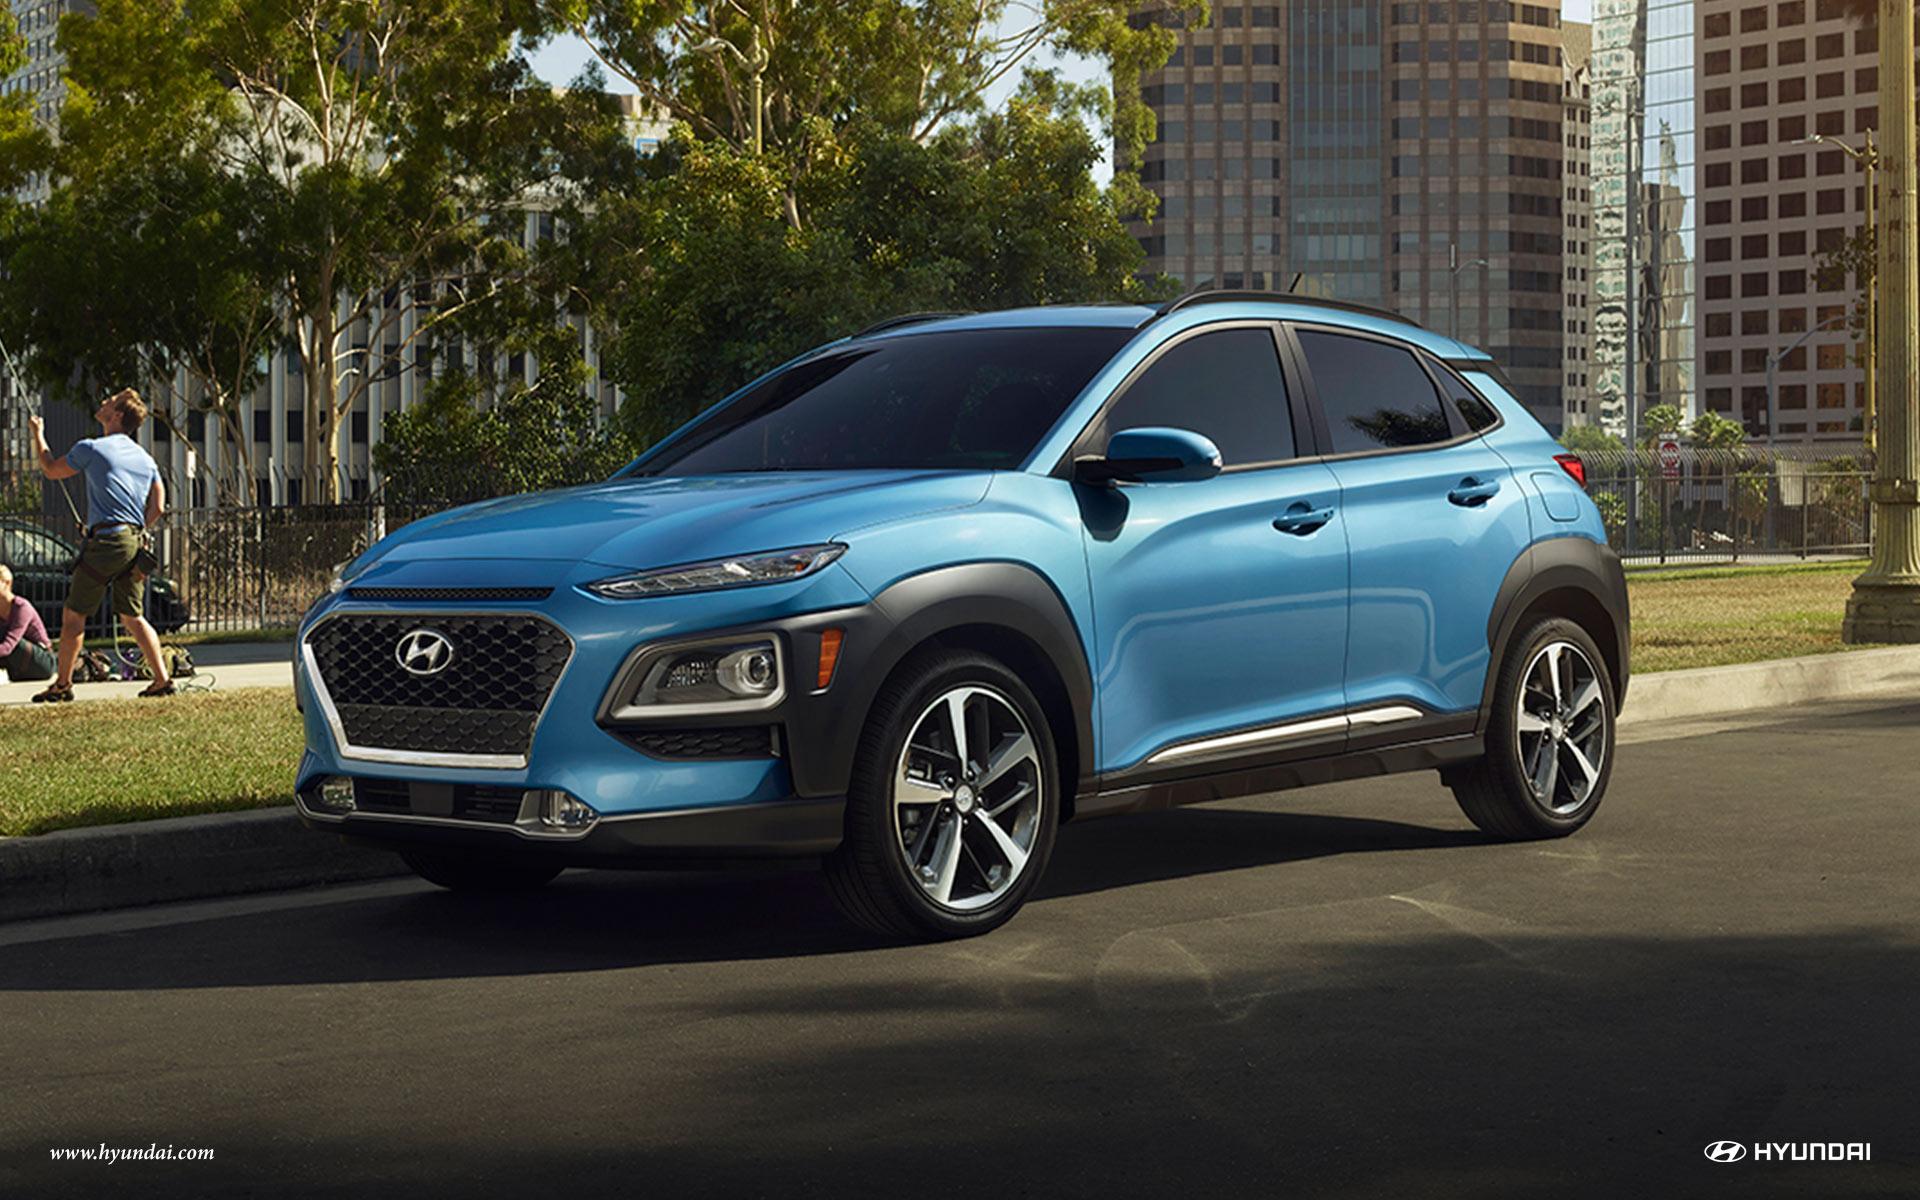 2018 Hyundai Kona blue